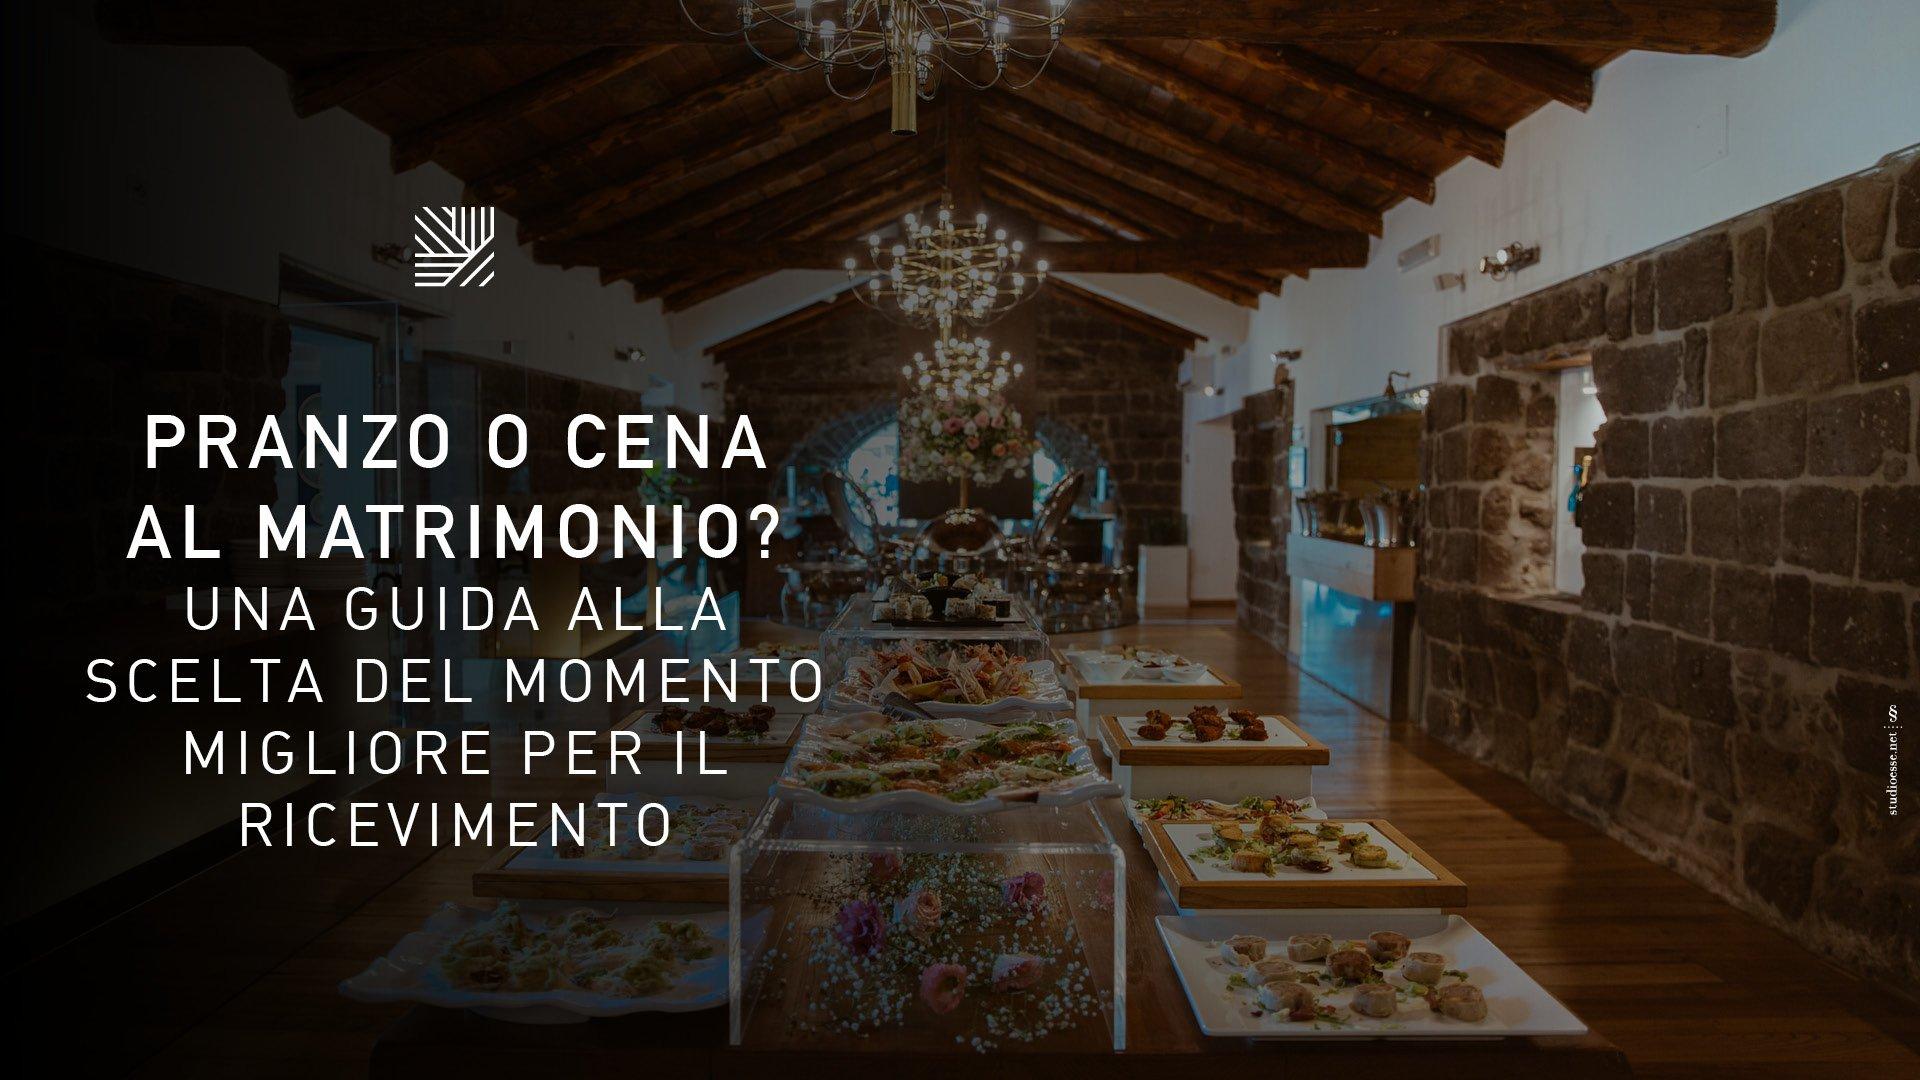 Pranzo o cena al matrimonio? Una guida alla scelta del momento migliore per il ricevimento